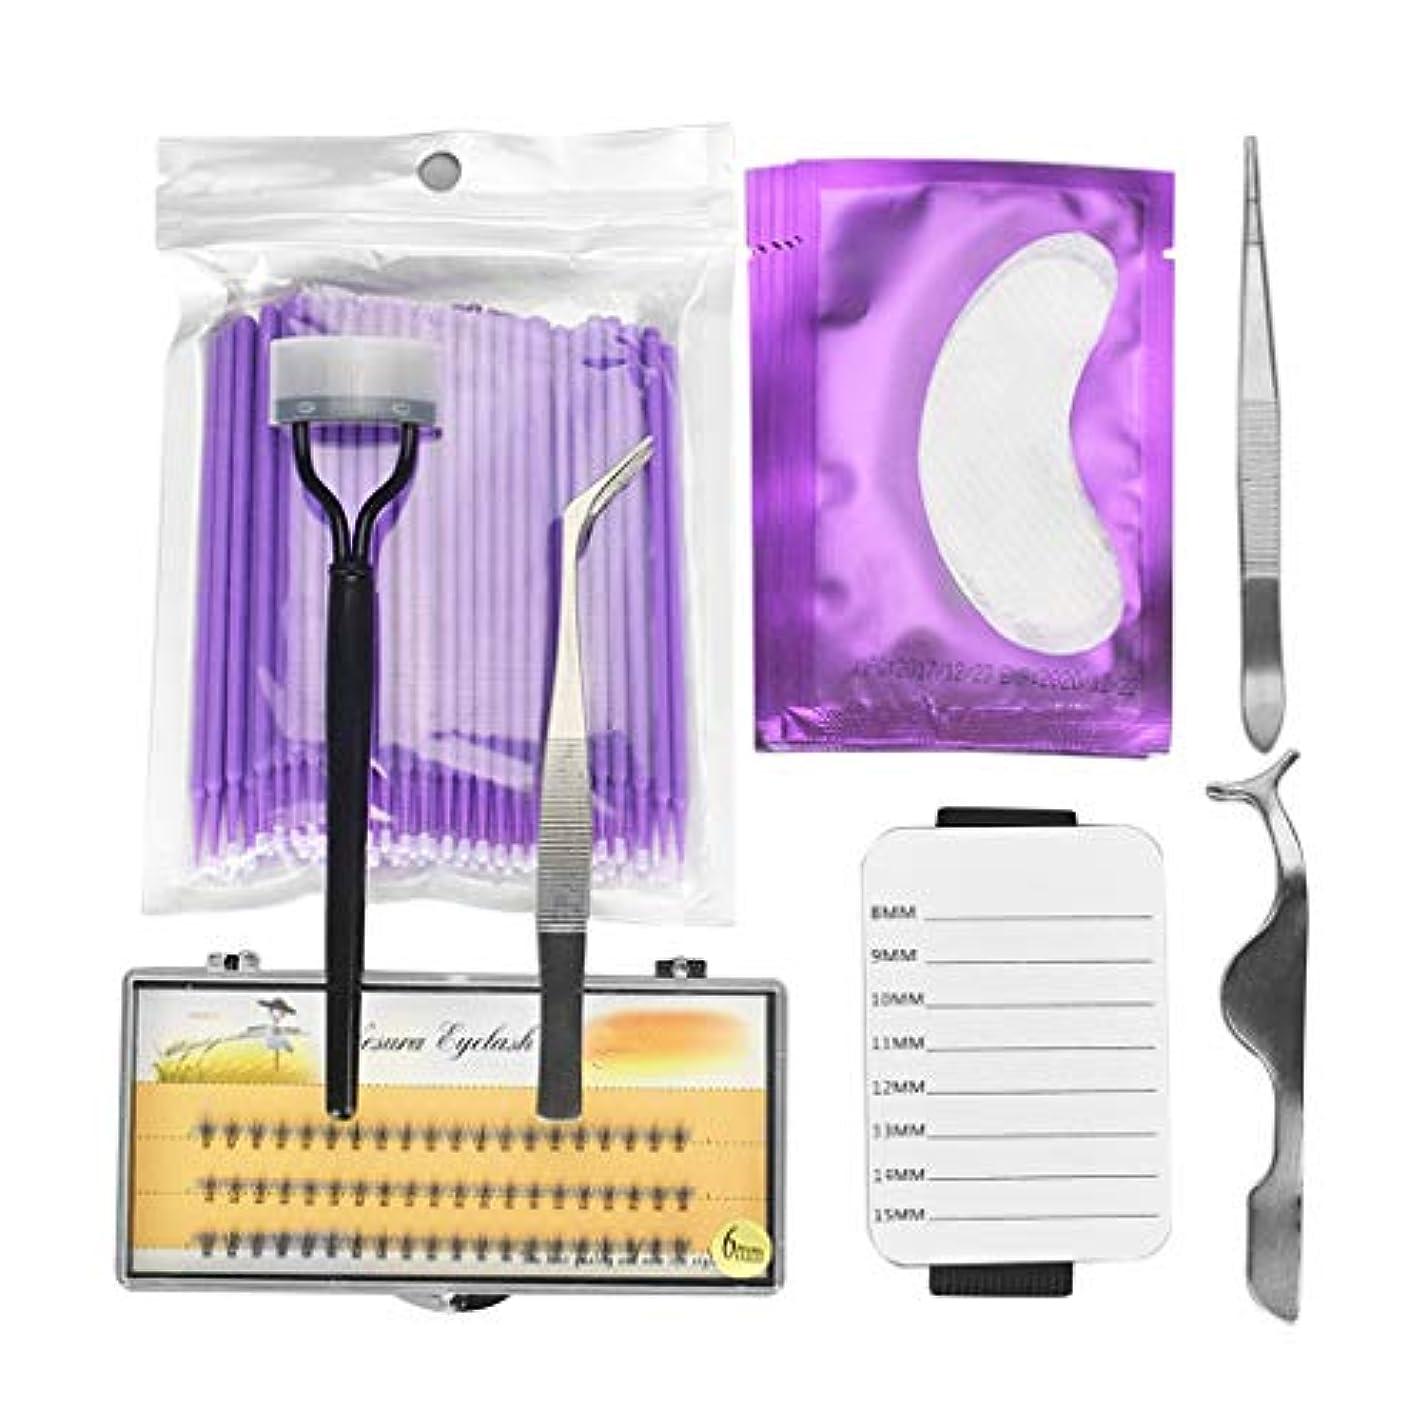 説明的短くする粗い全5色 アイメイク ラッシュ延長 つけまつげ 精密ピンセット ツイーザー まつげパレットホルダー - 紫